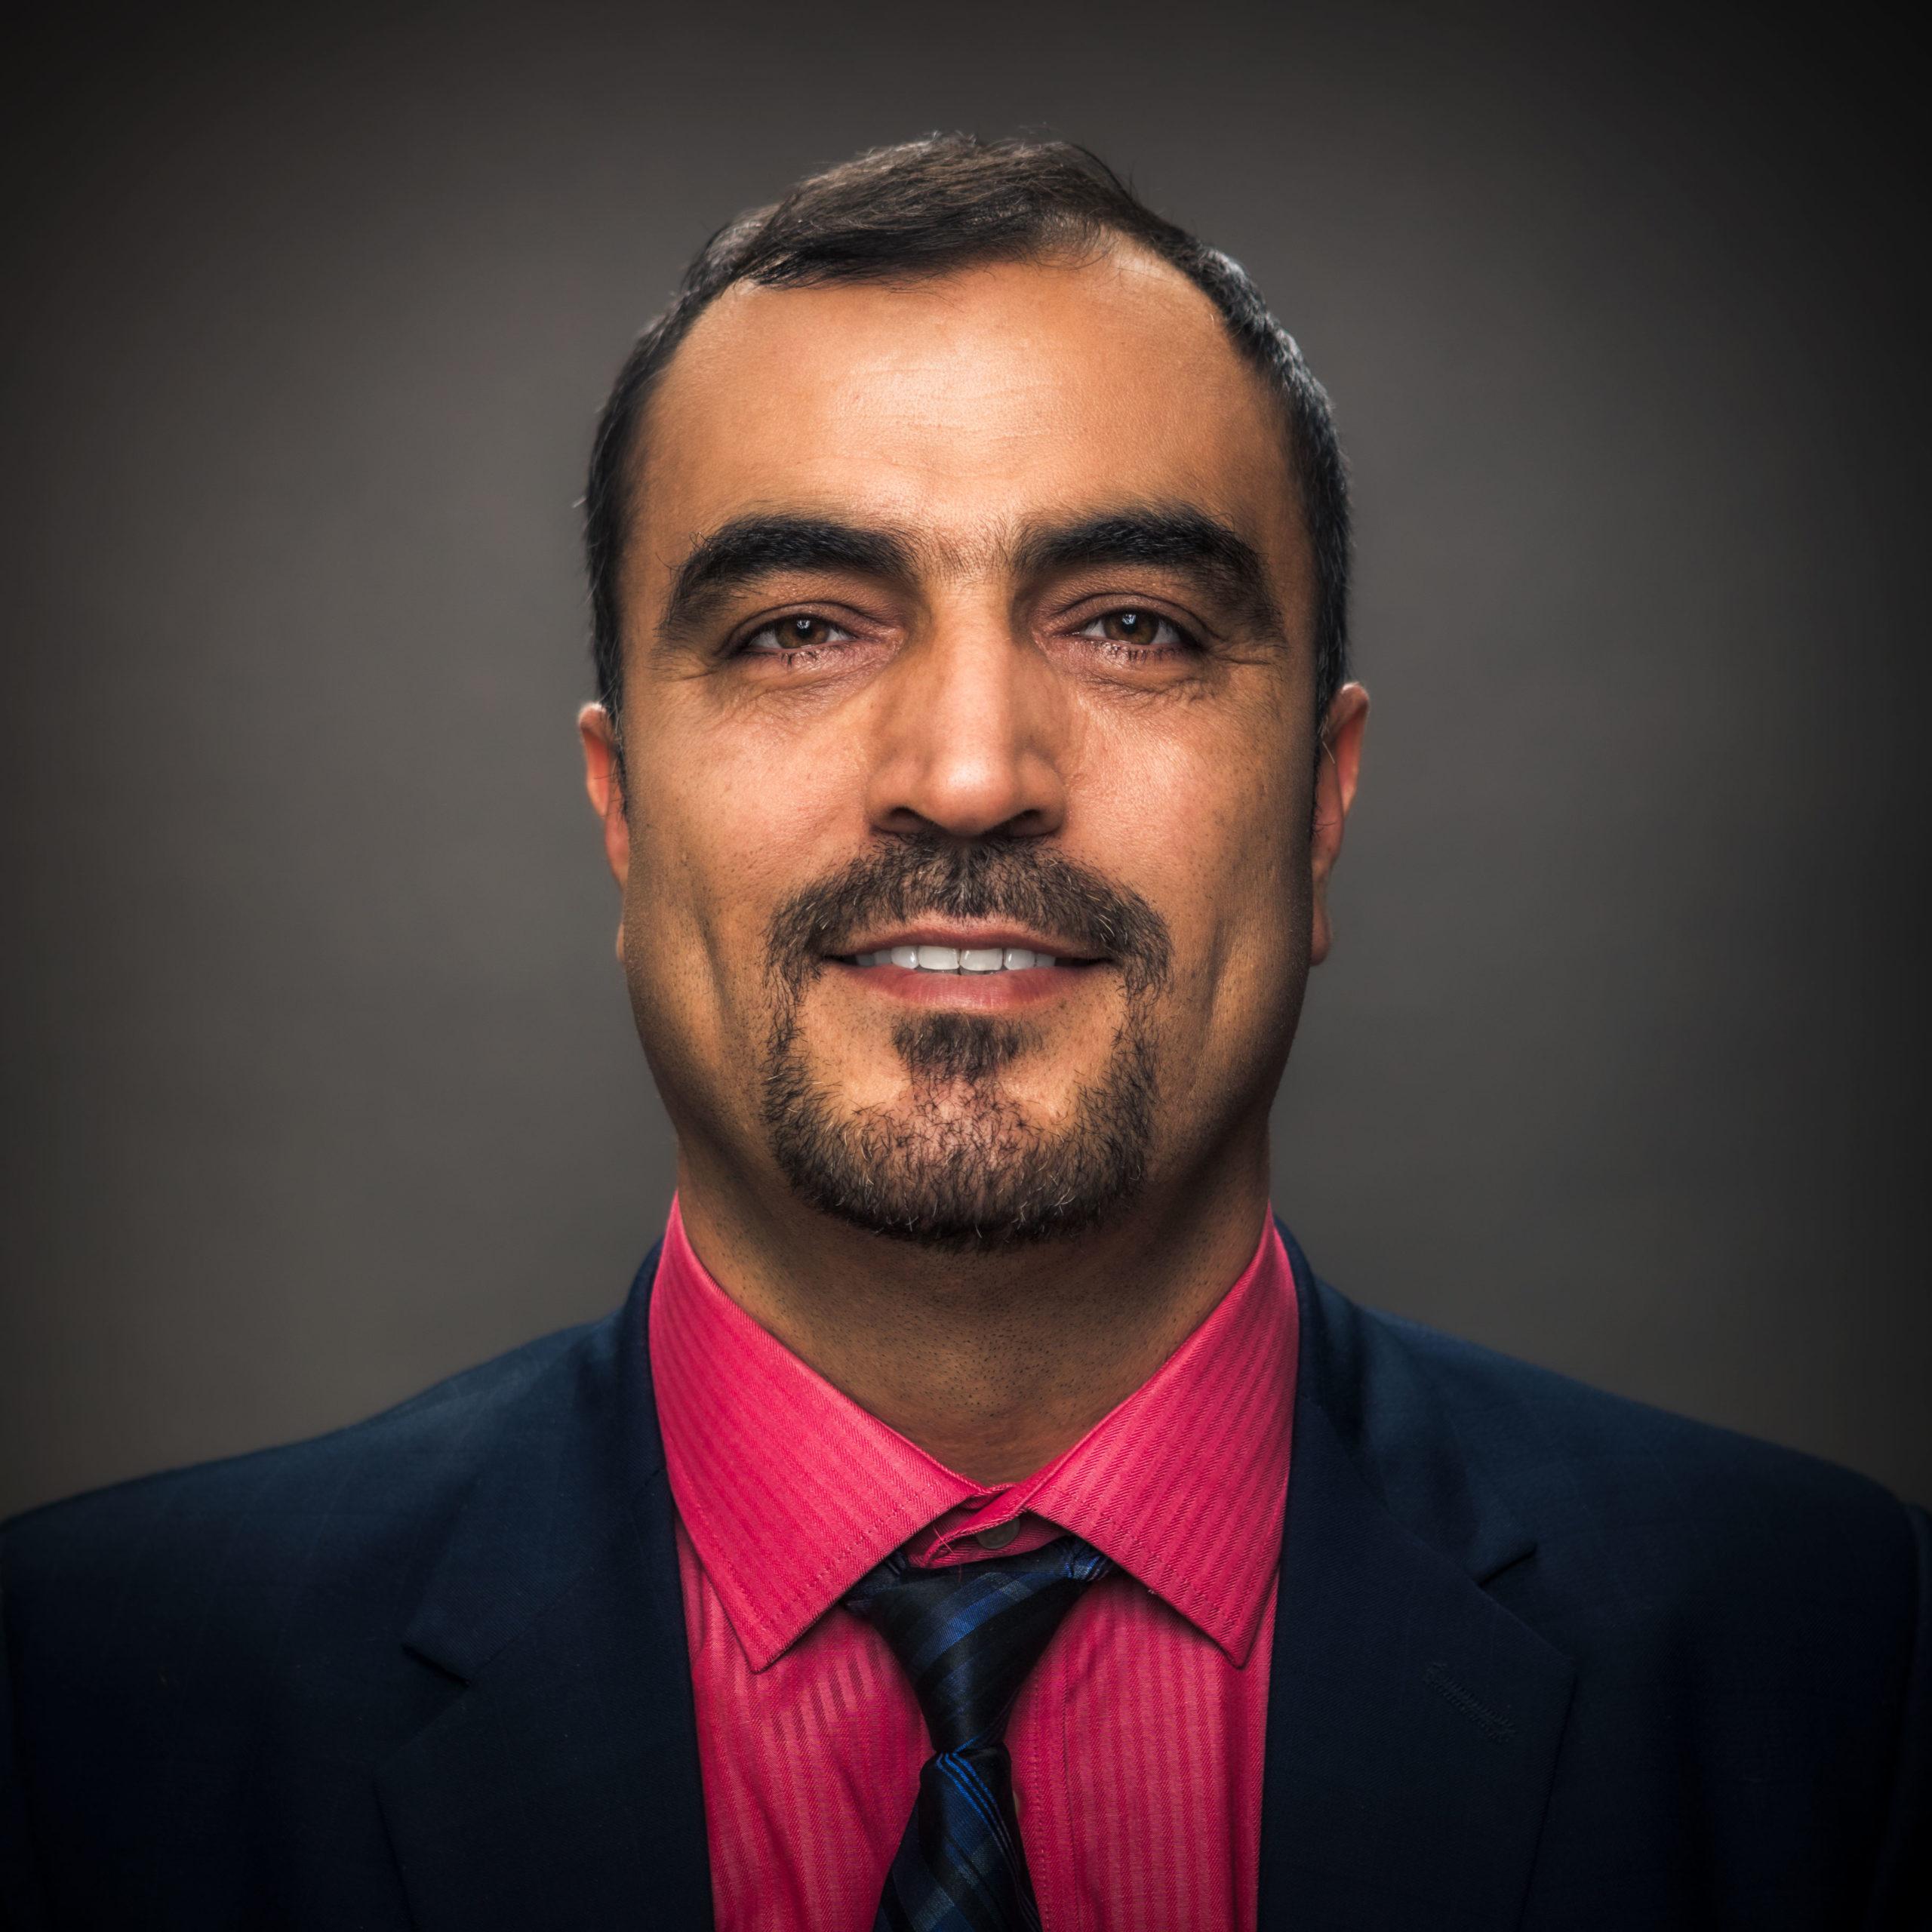 Mohammad Edris